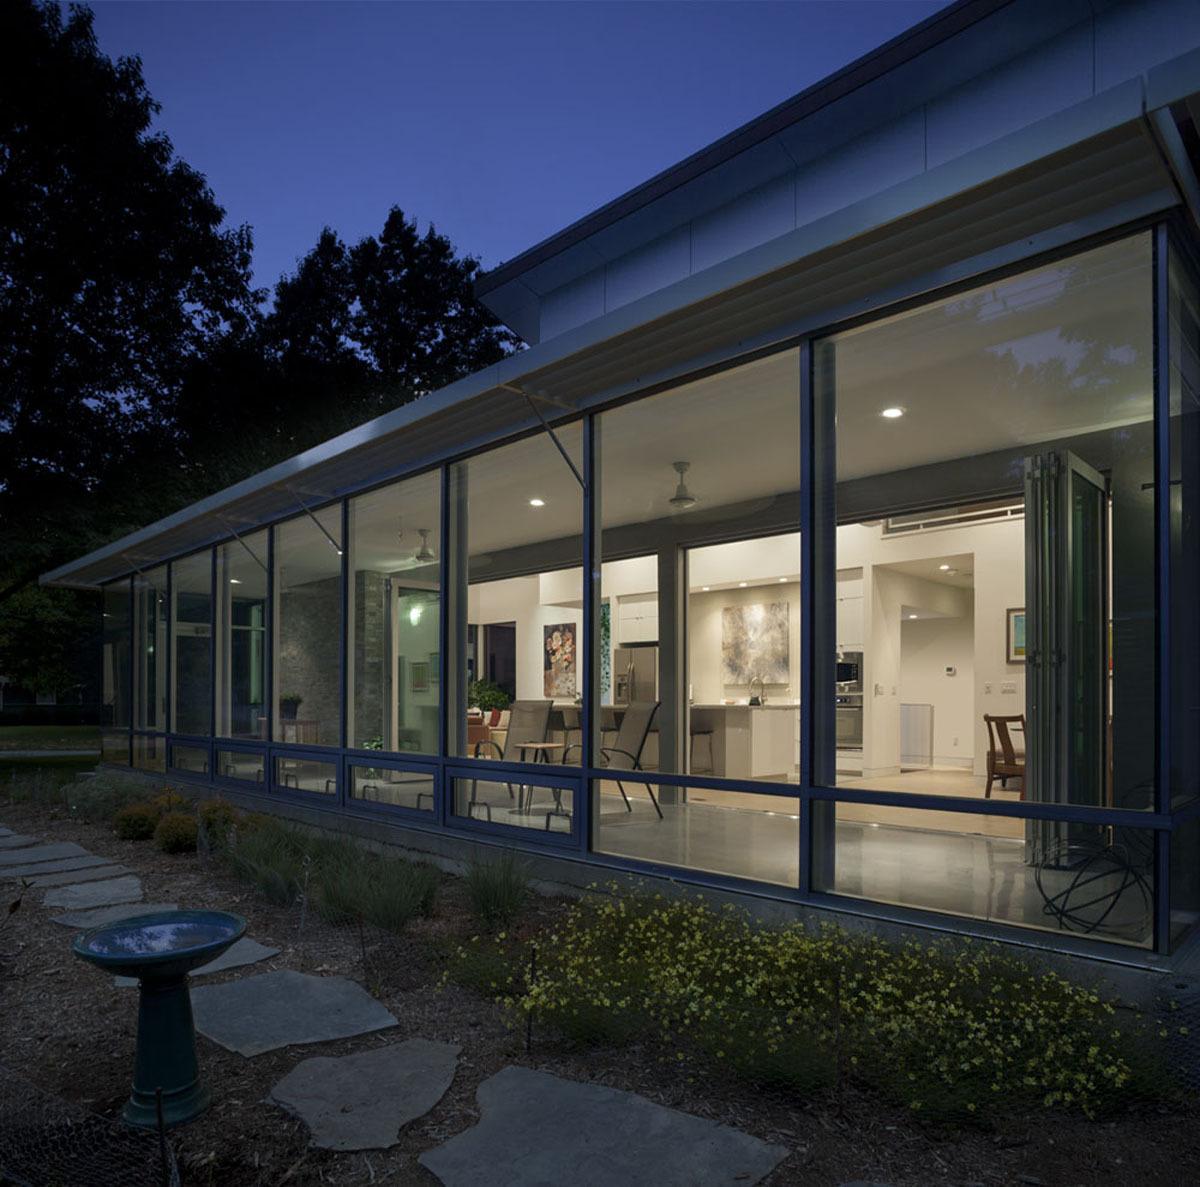 solarium at night - passive/active solar design